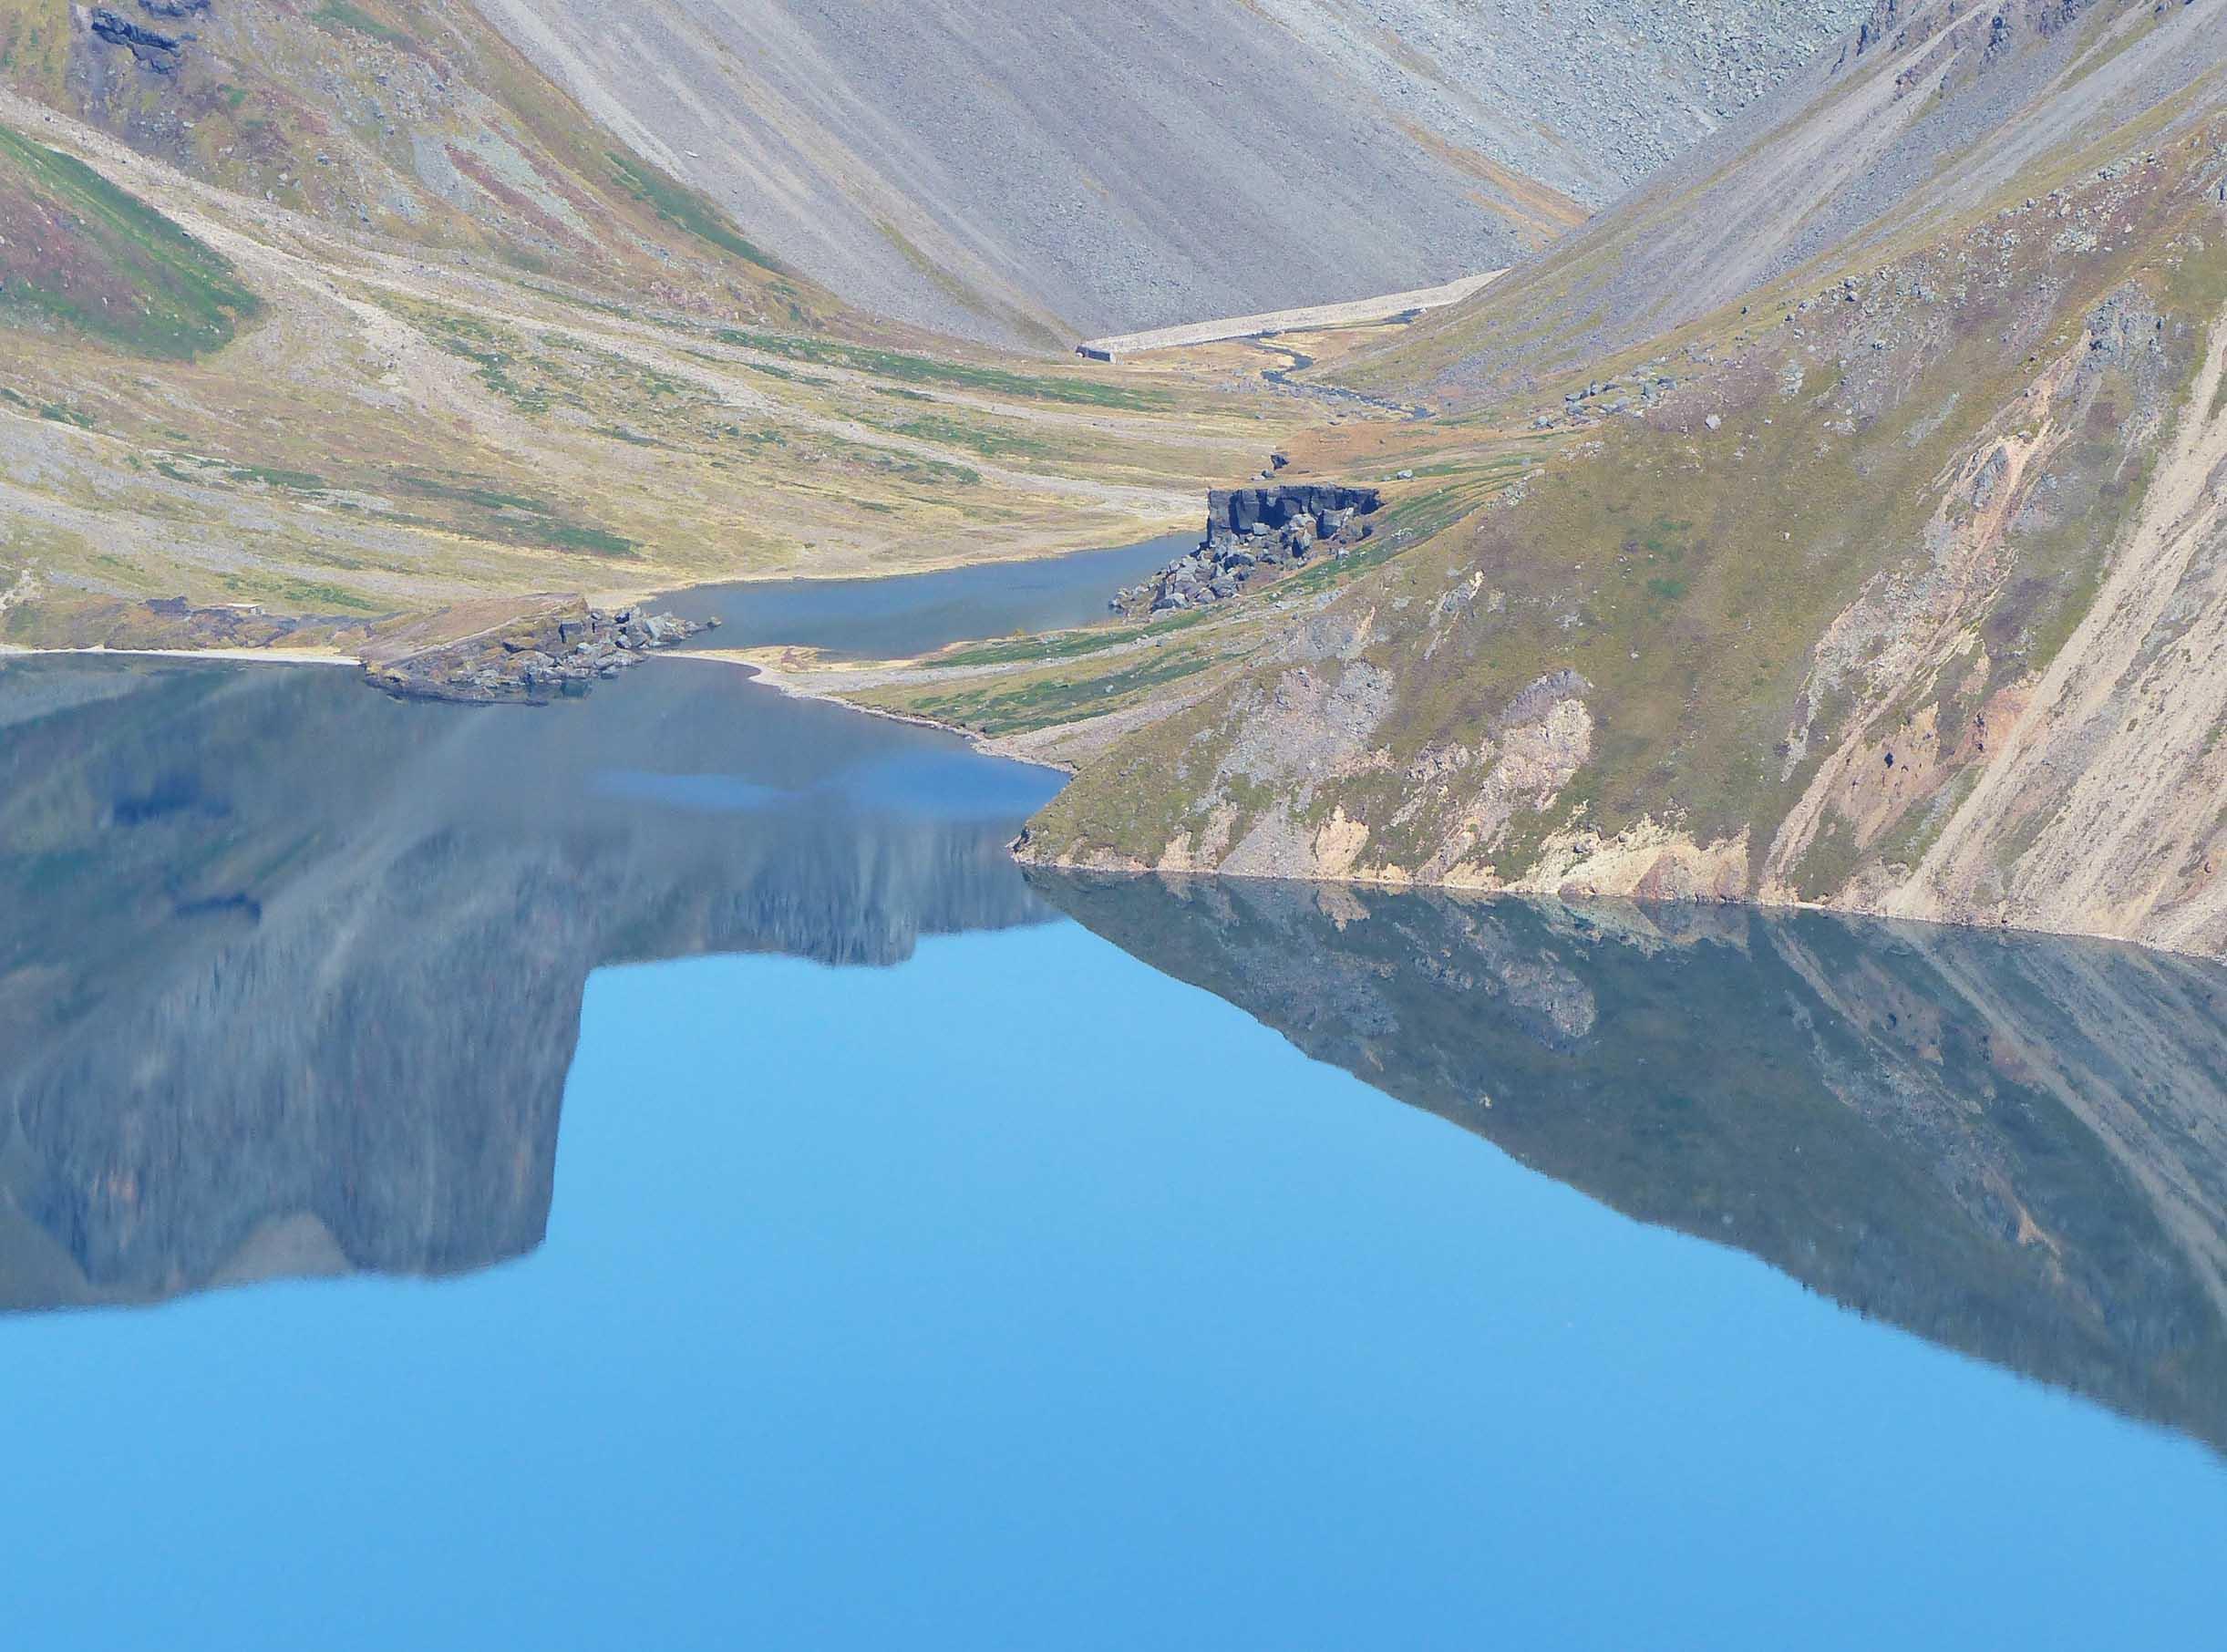 Hillside reflected in still water